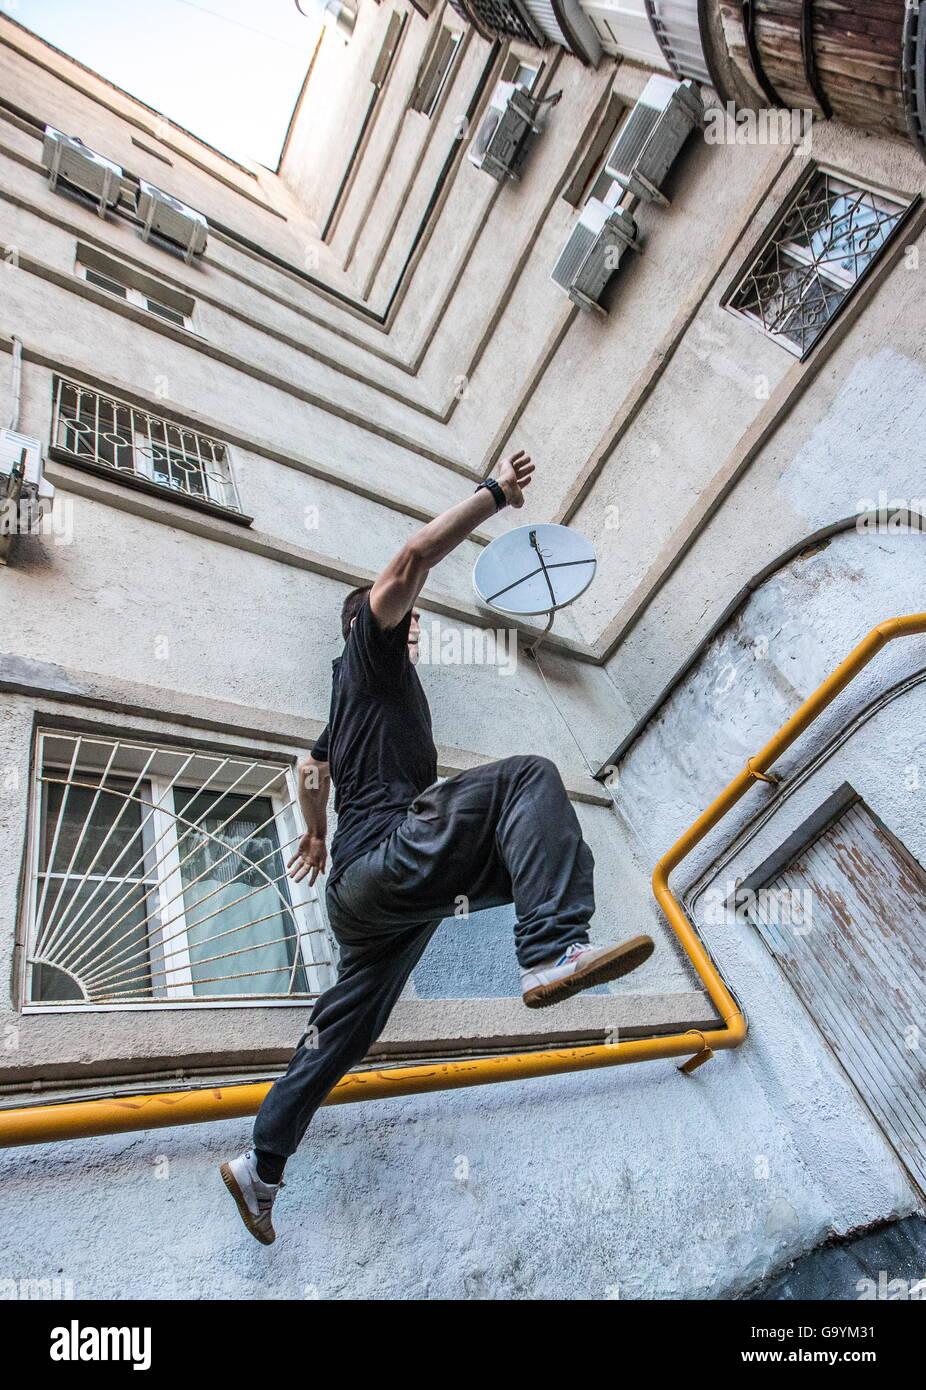 Moskau, Russland. 1. Juli 2016. Ein Traceur der Moskauer Akademie der Parkour während einer Trainingseinheit. Stockbild